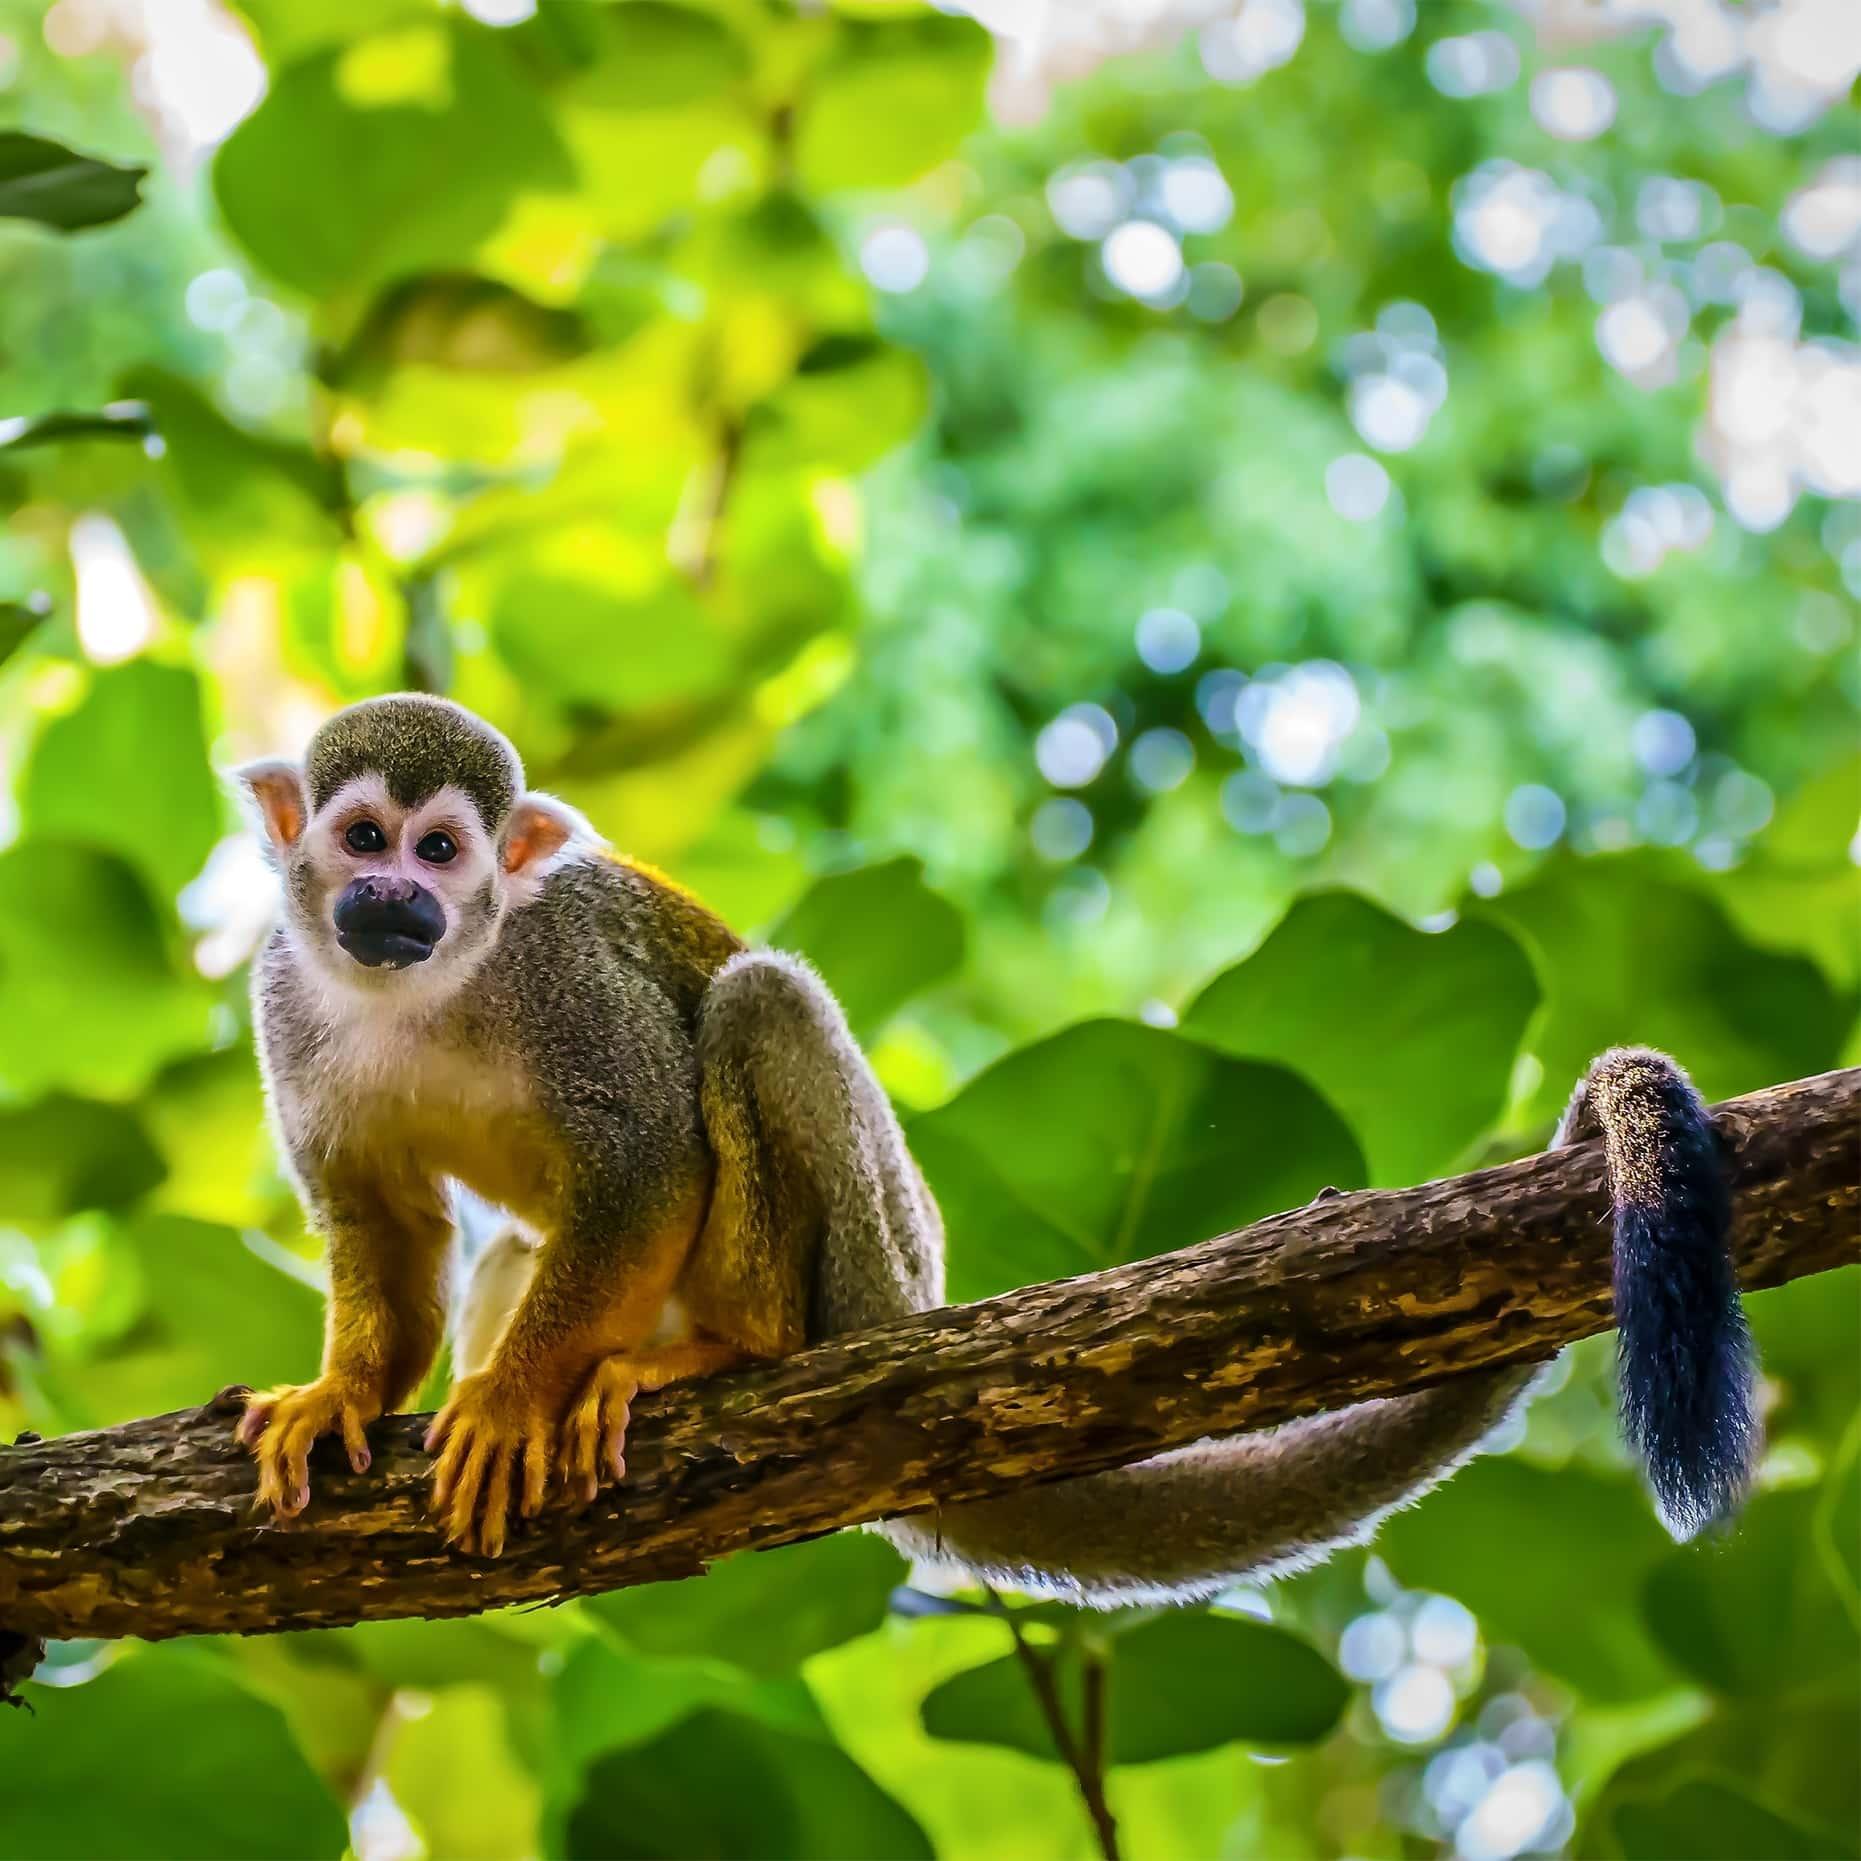 Primaten sind meist das Ziel kommerzieller Jäger, weil es sich bei ihrem Fleisch um ein Luxusgut handelt und sich damit mehr Profit machen lässt